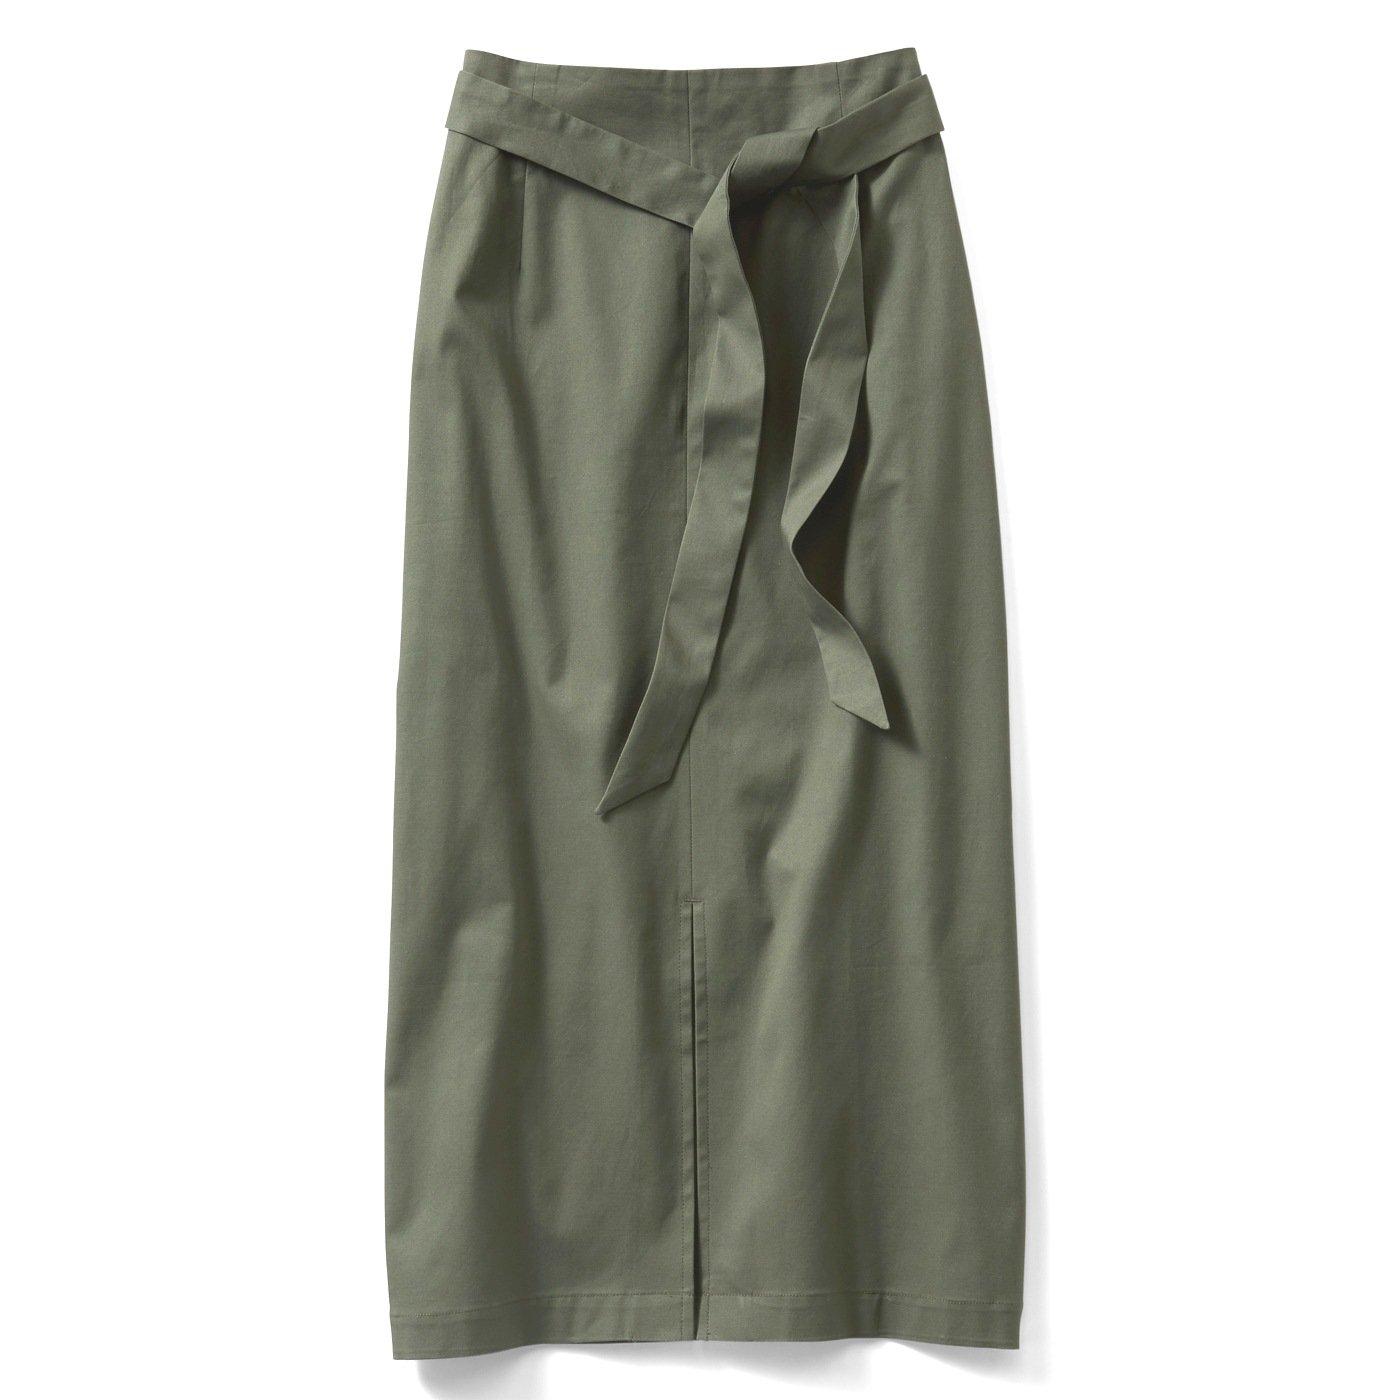 IEDIT ボクシーシルエットのセンタースリットスカート〈カーキ〉